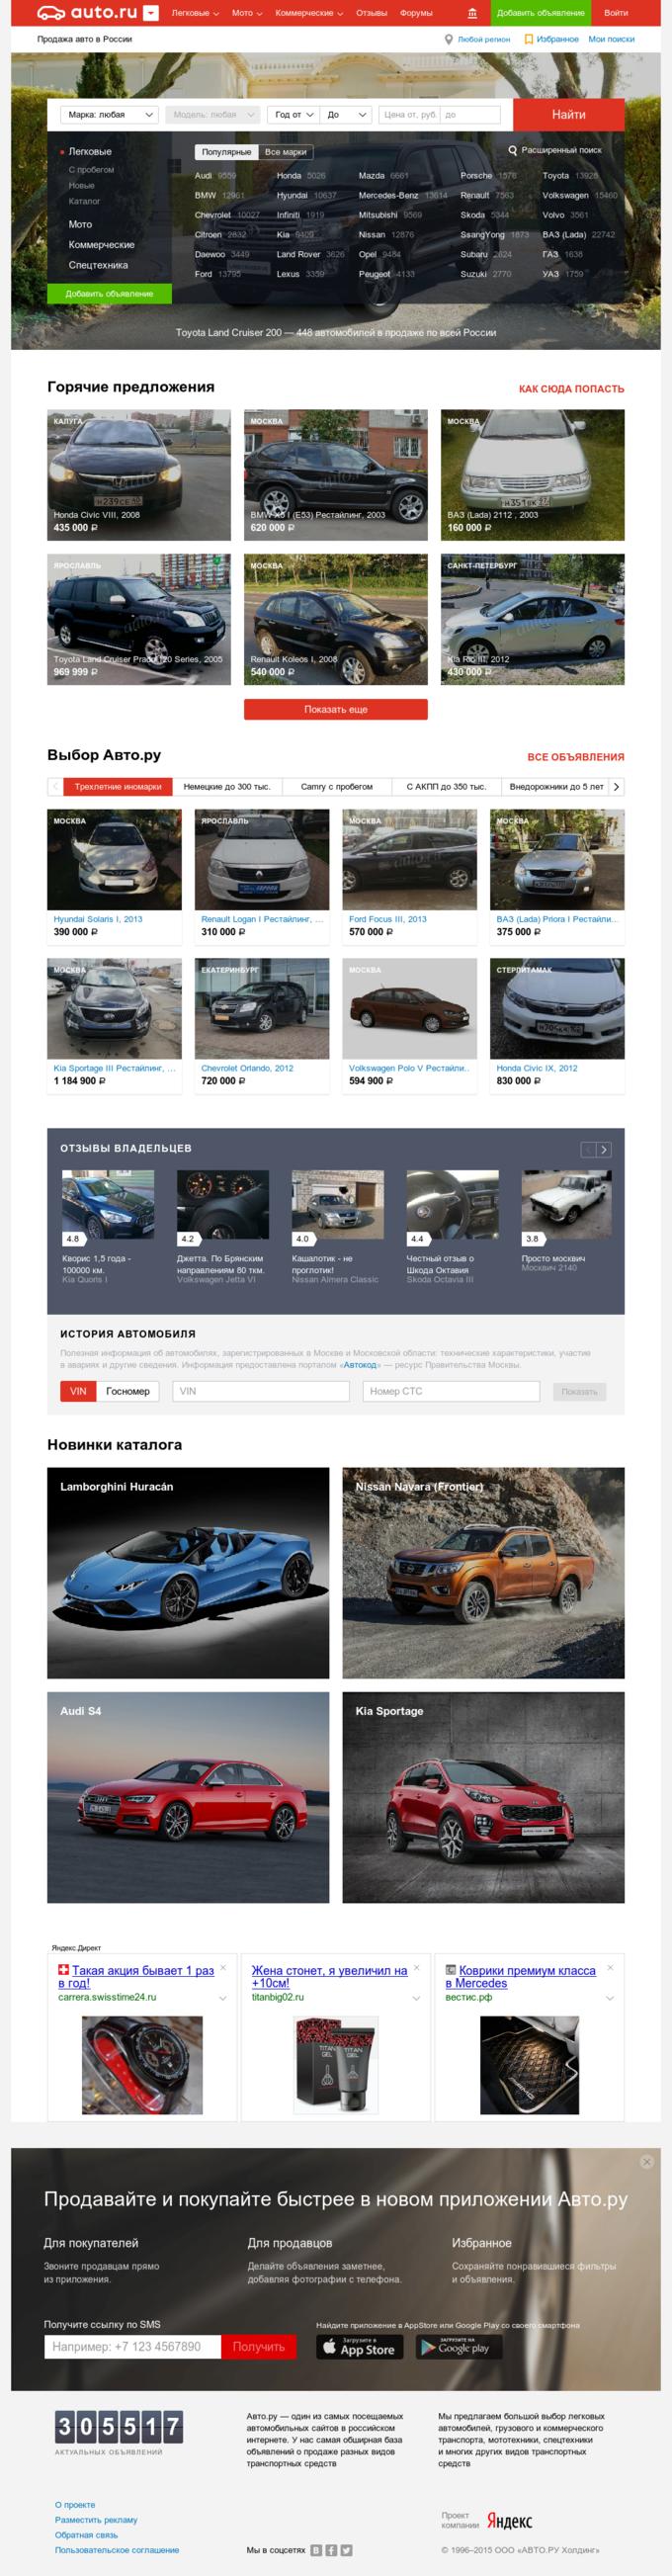 «Яндекс» перезапустил Auto.ru. Изображение № 1.